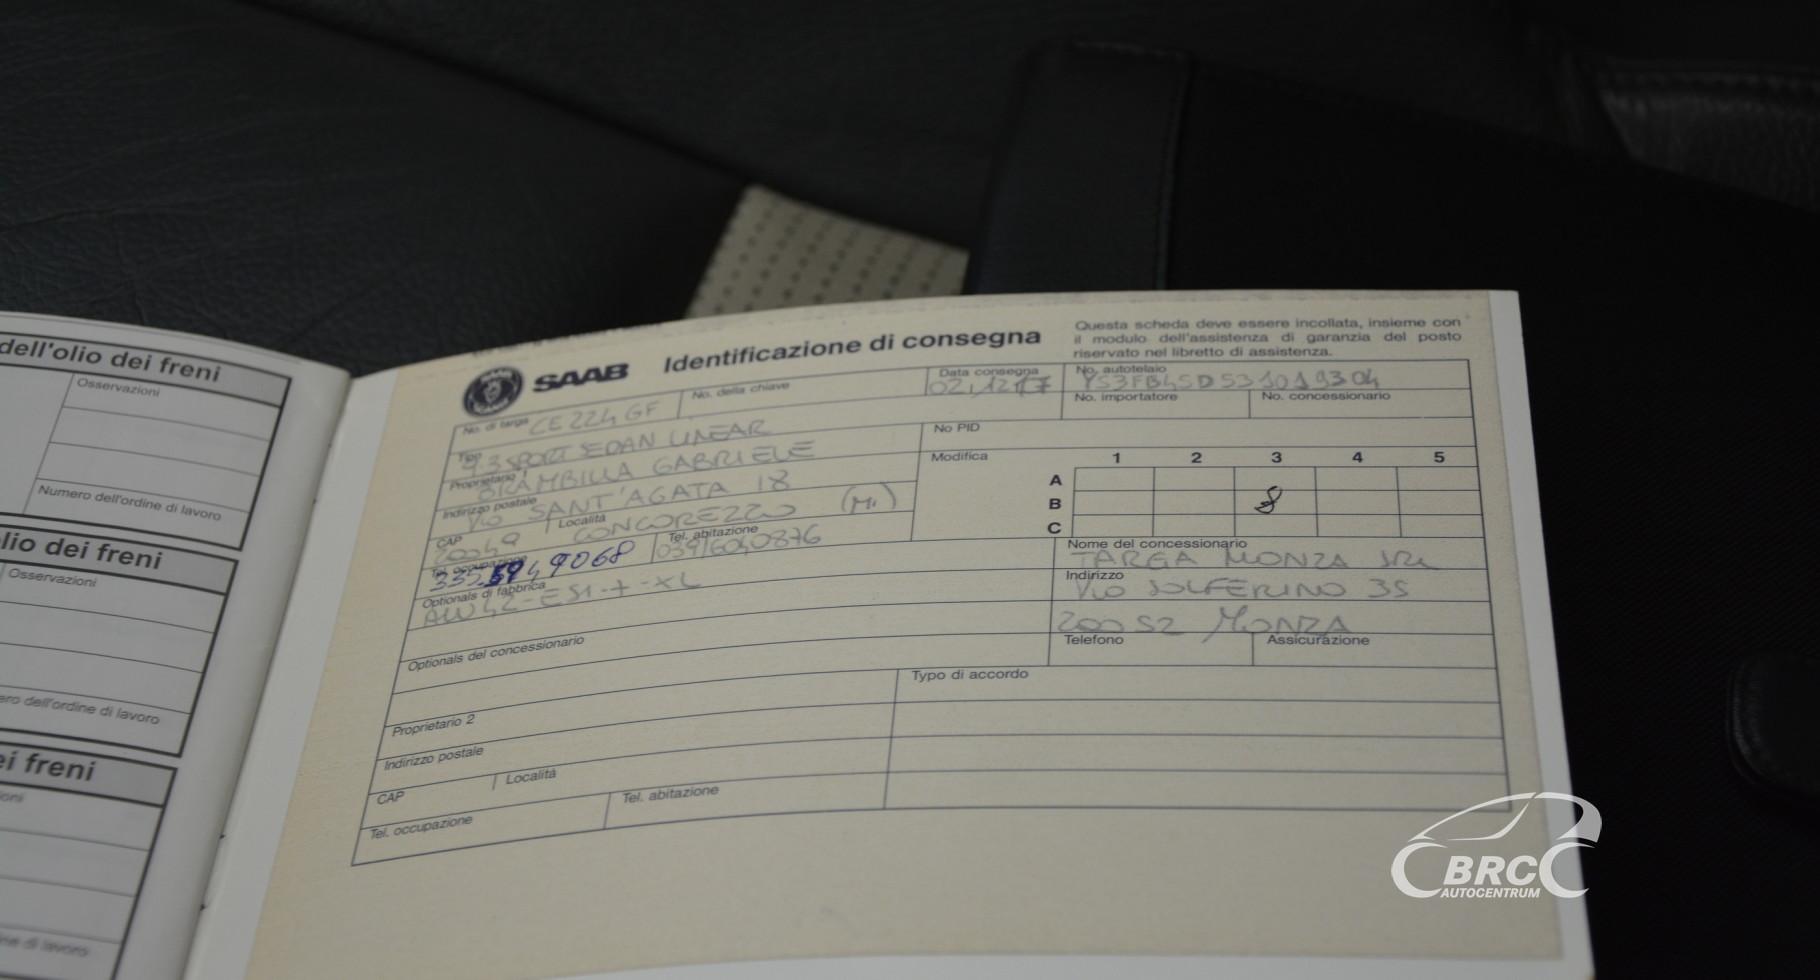 Saab 9-3 2.2 TiD Linear